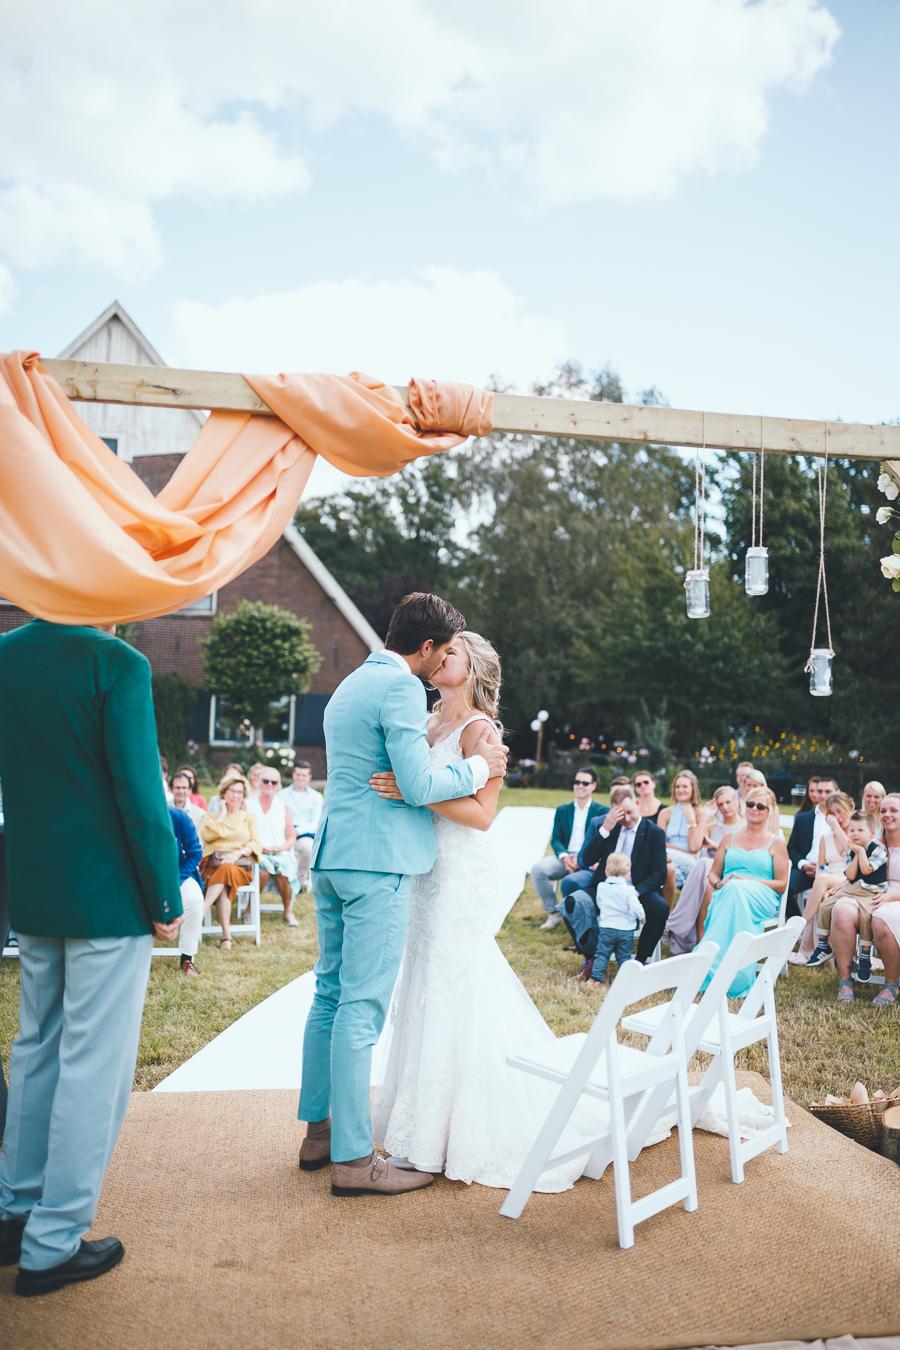 Bruid en bruidegom kussen elkaar onder het altaar tijdens ceremonie in hun achtertuin in het weiland tijdens bruiloft thuis op erf van oude boerderij trouwfotograaf Apeldoorn